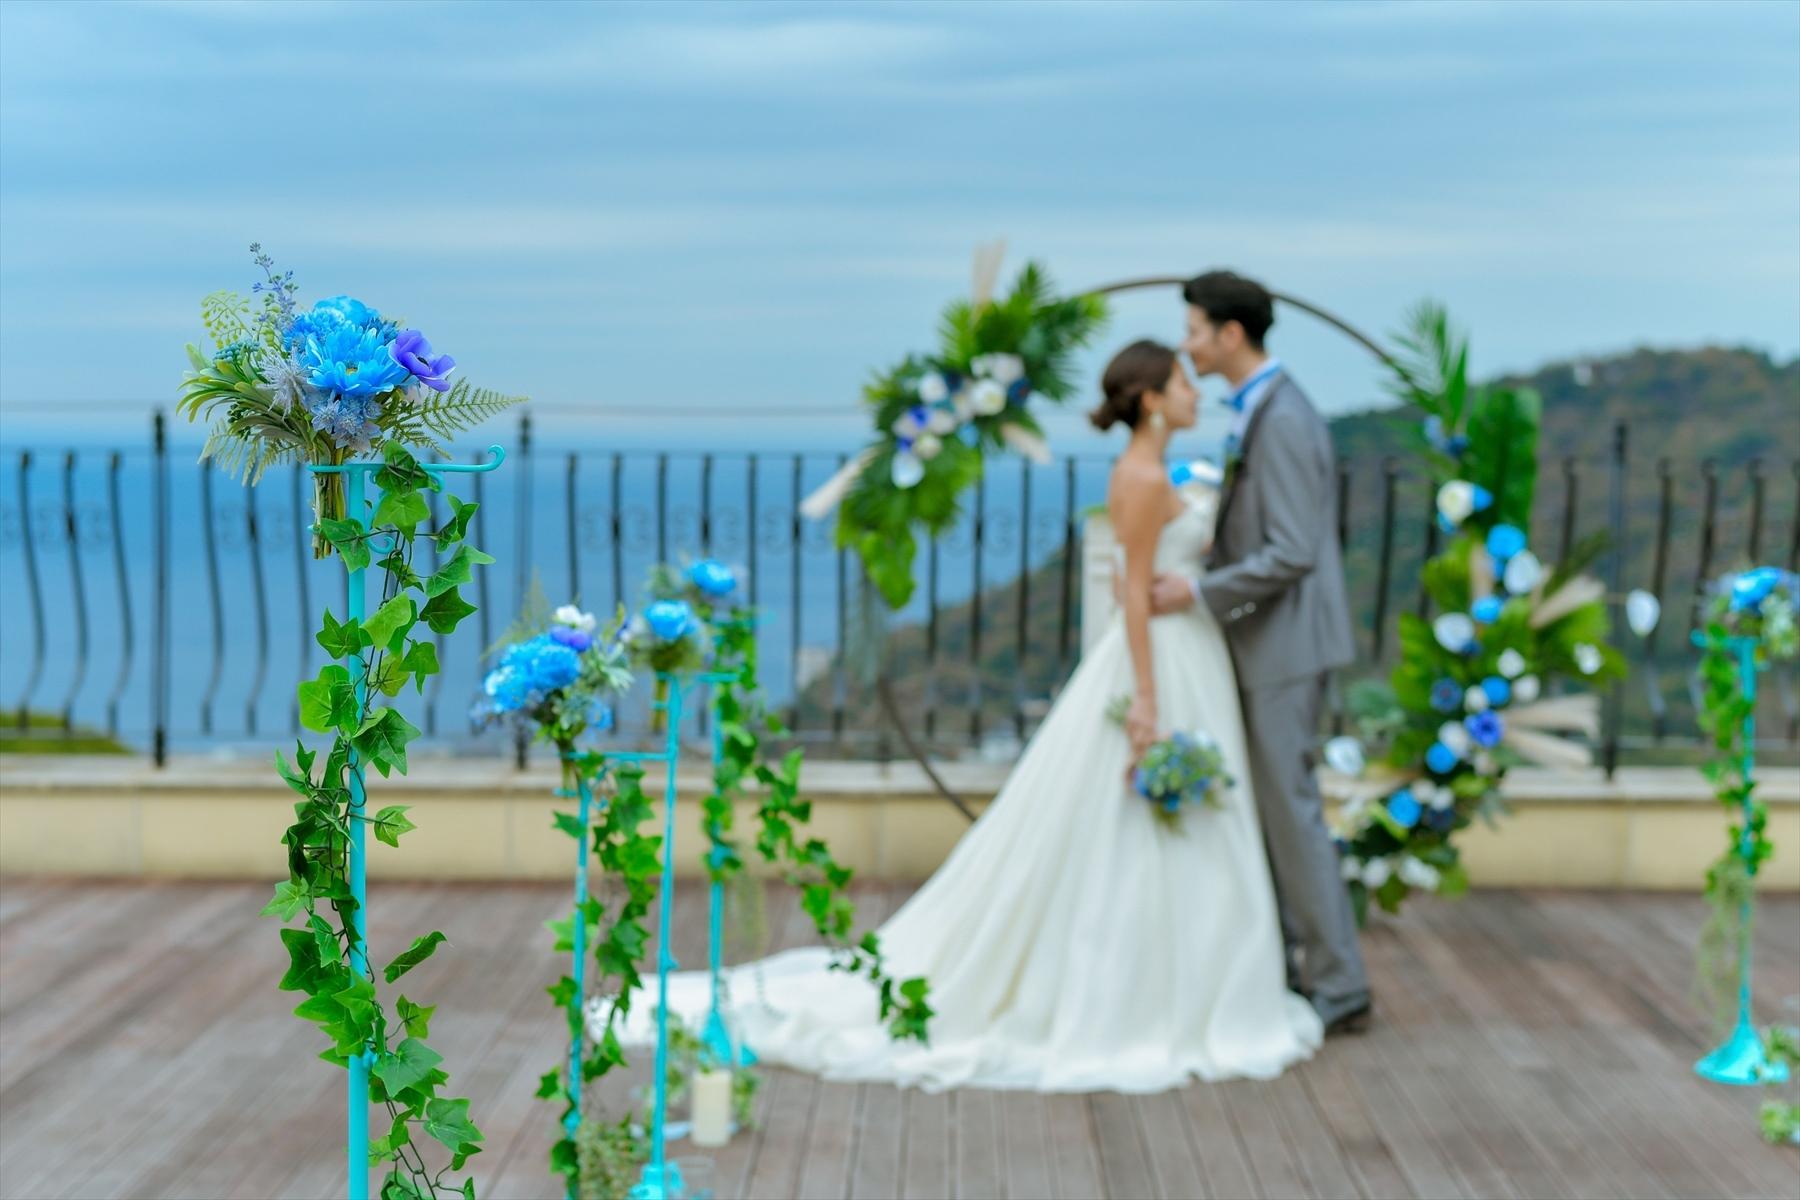 静岡熱海結婚式 ウェディングドレス 熱海スパ&リゾート